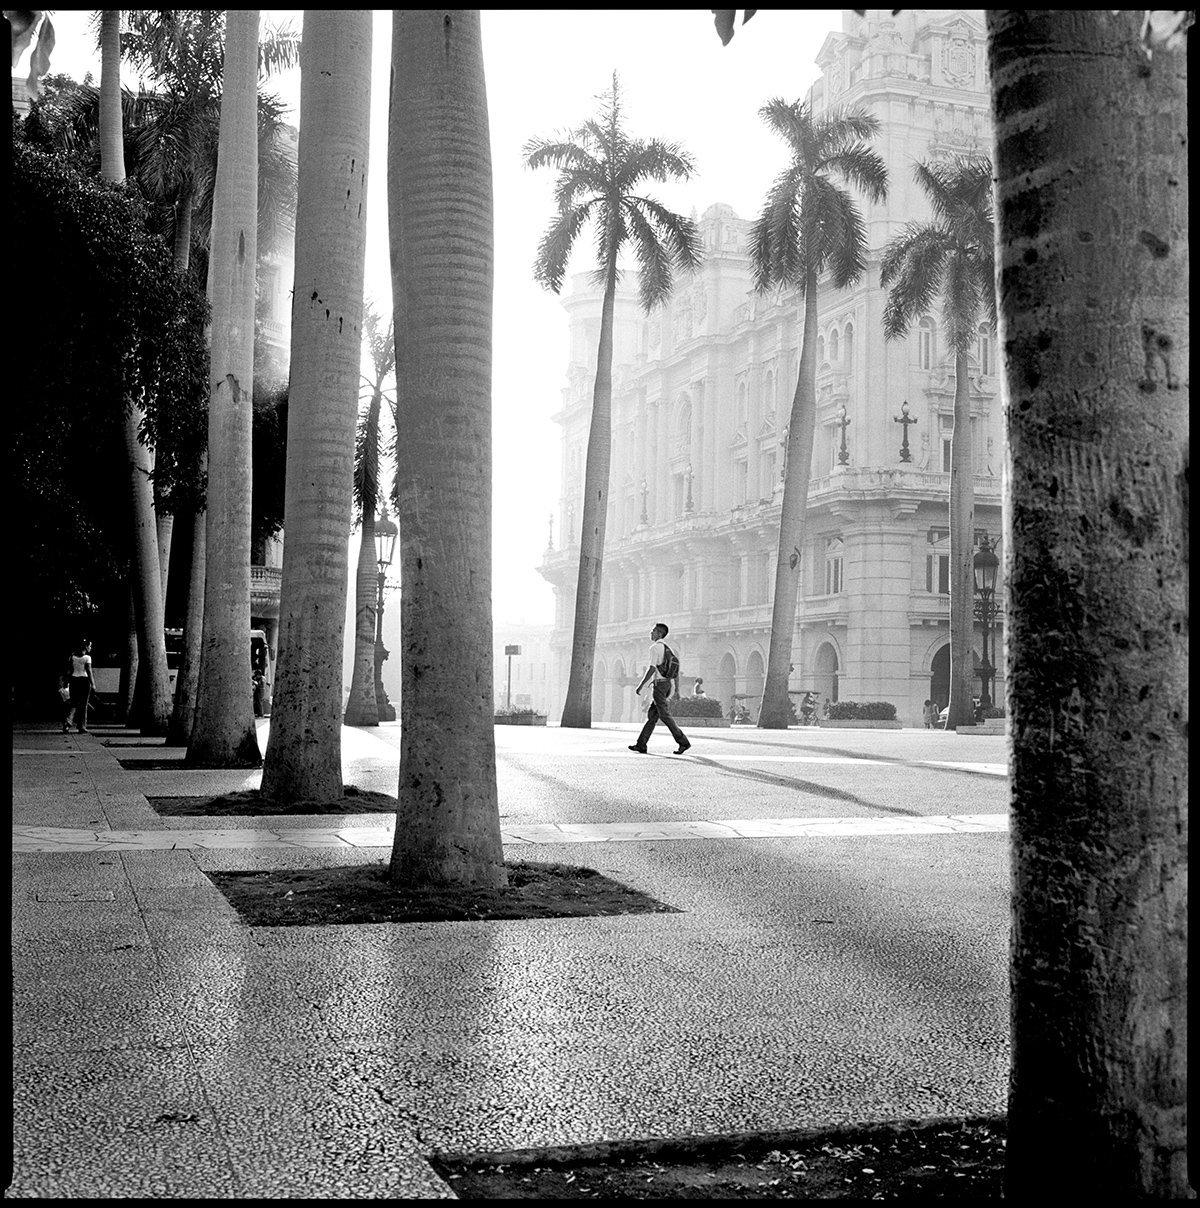 Central Parque, Havana